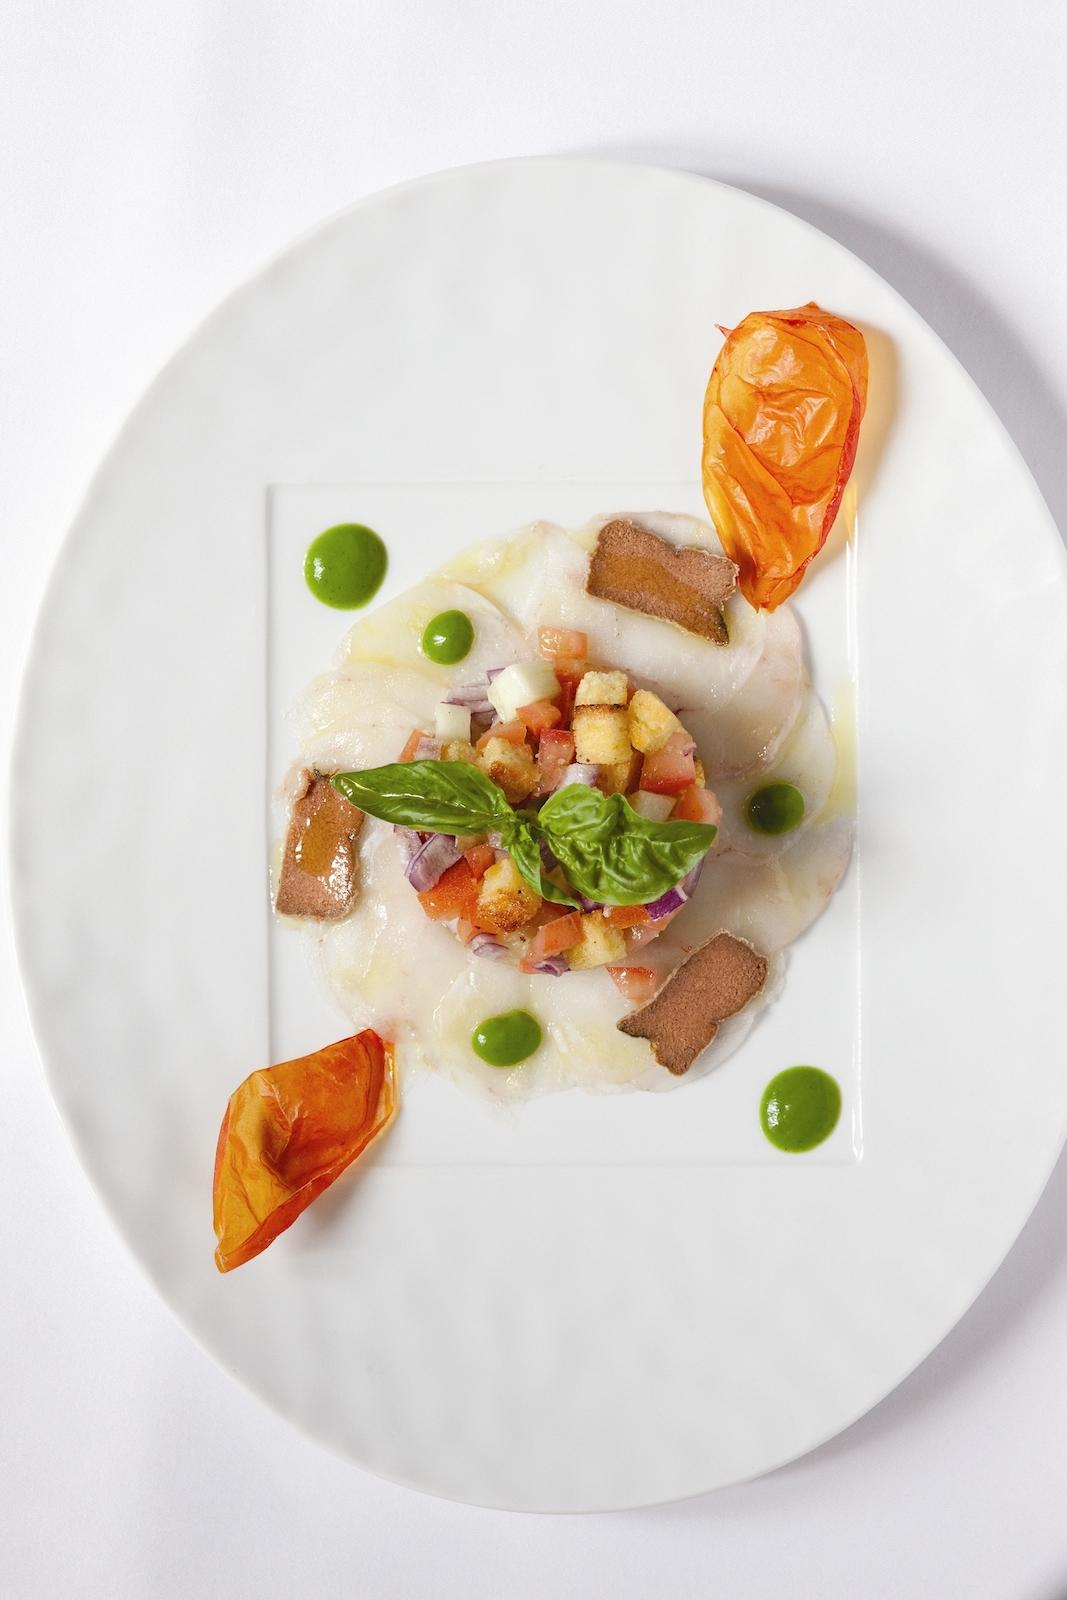 Carpaccio of monkfish with bottarga and Tuscan Panzanella salad